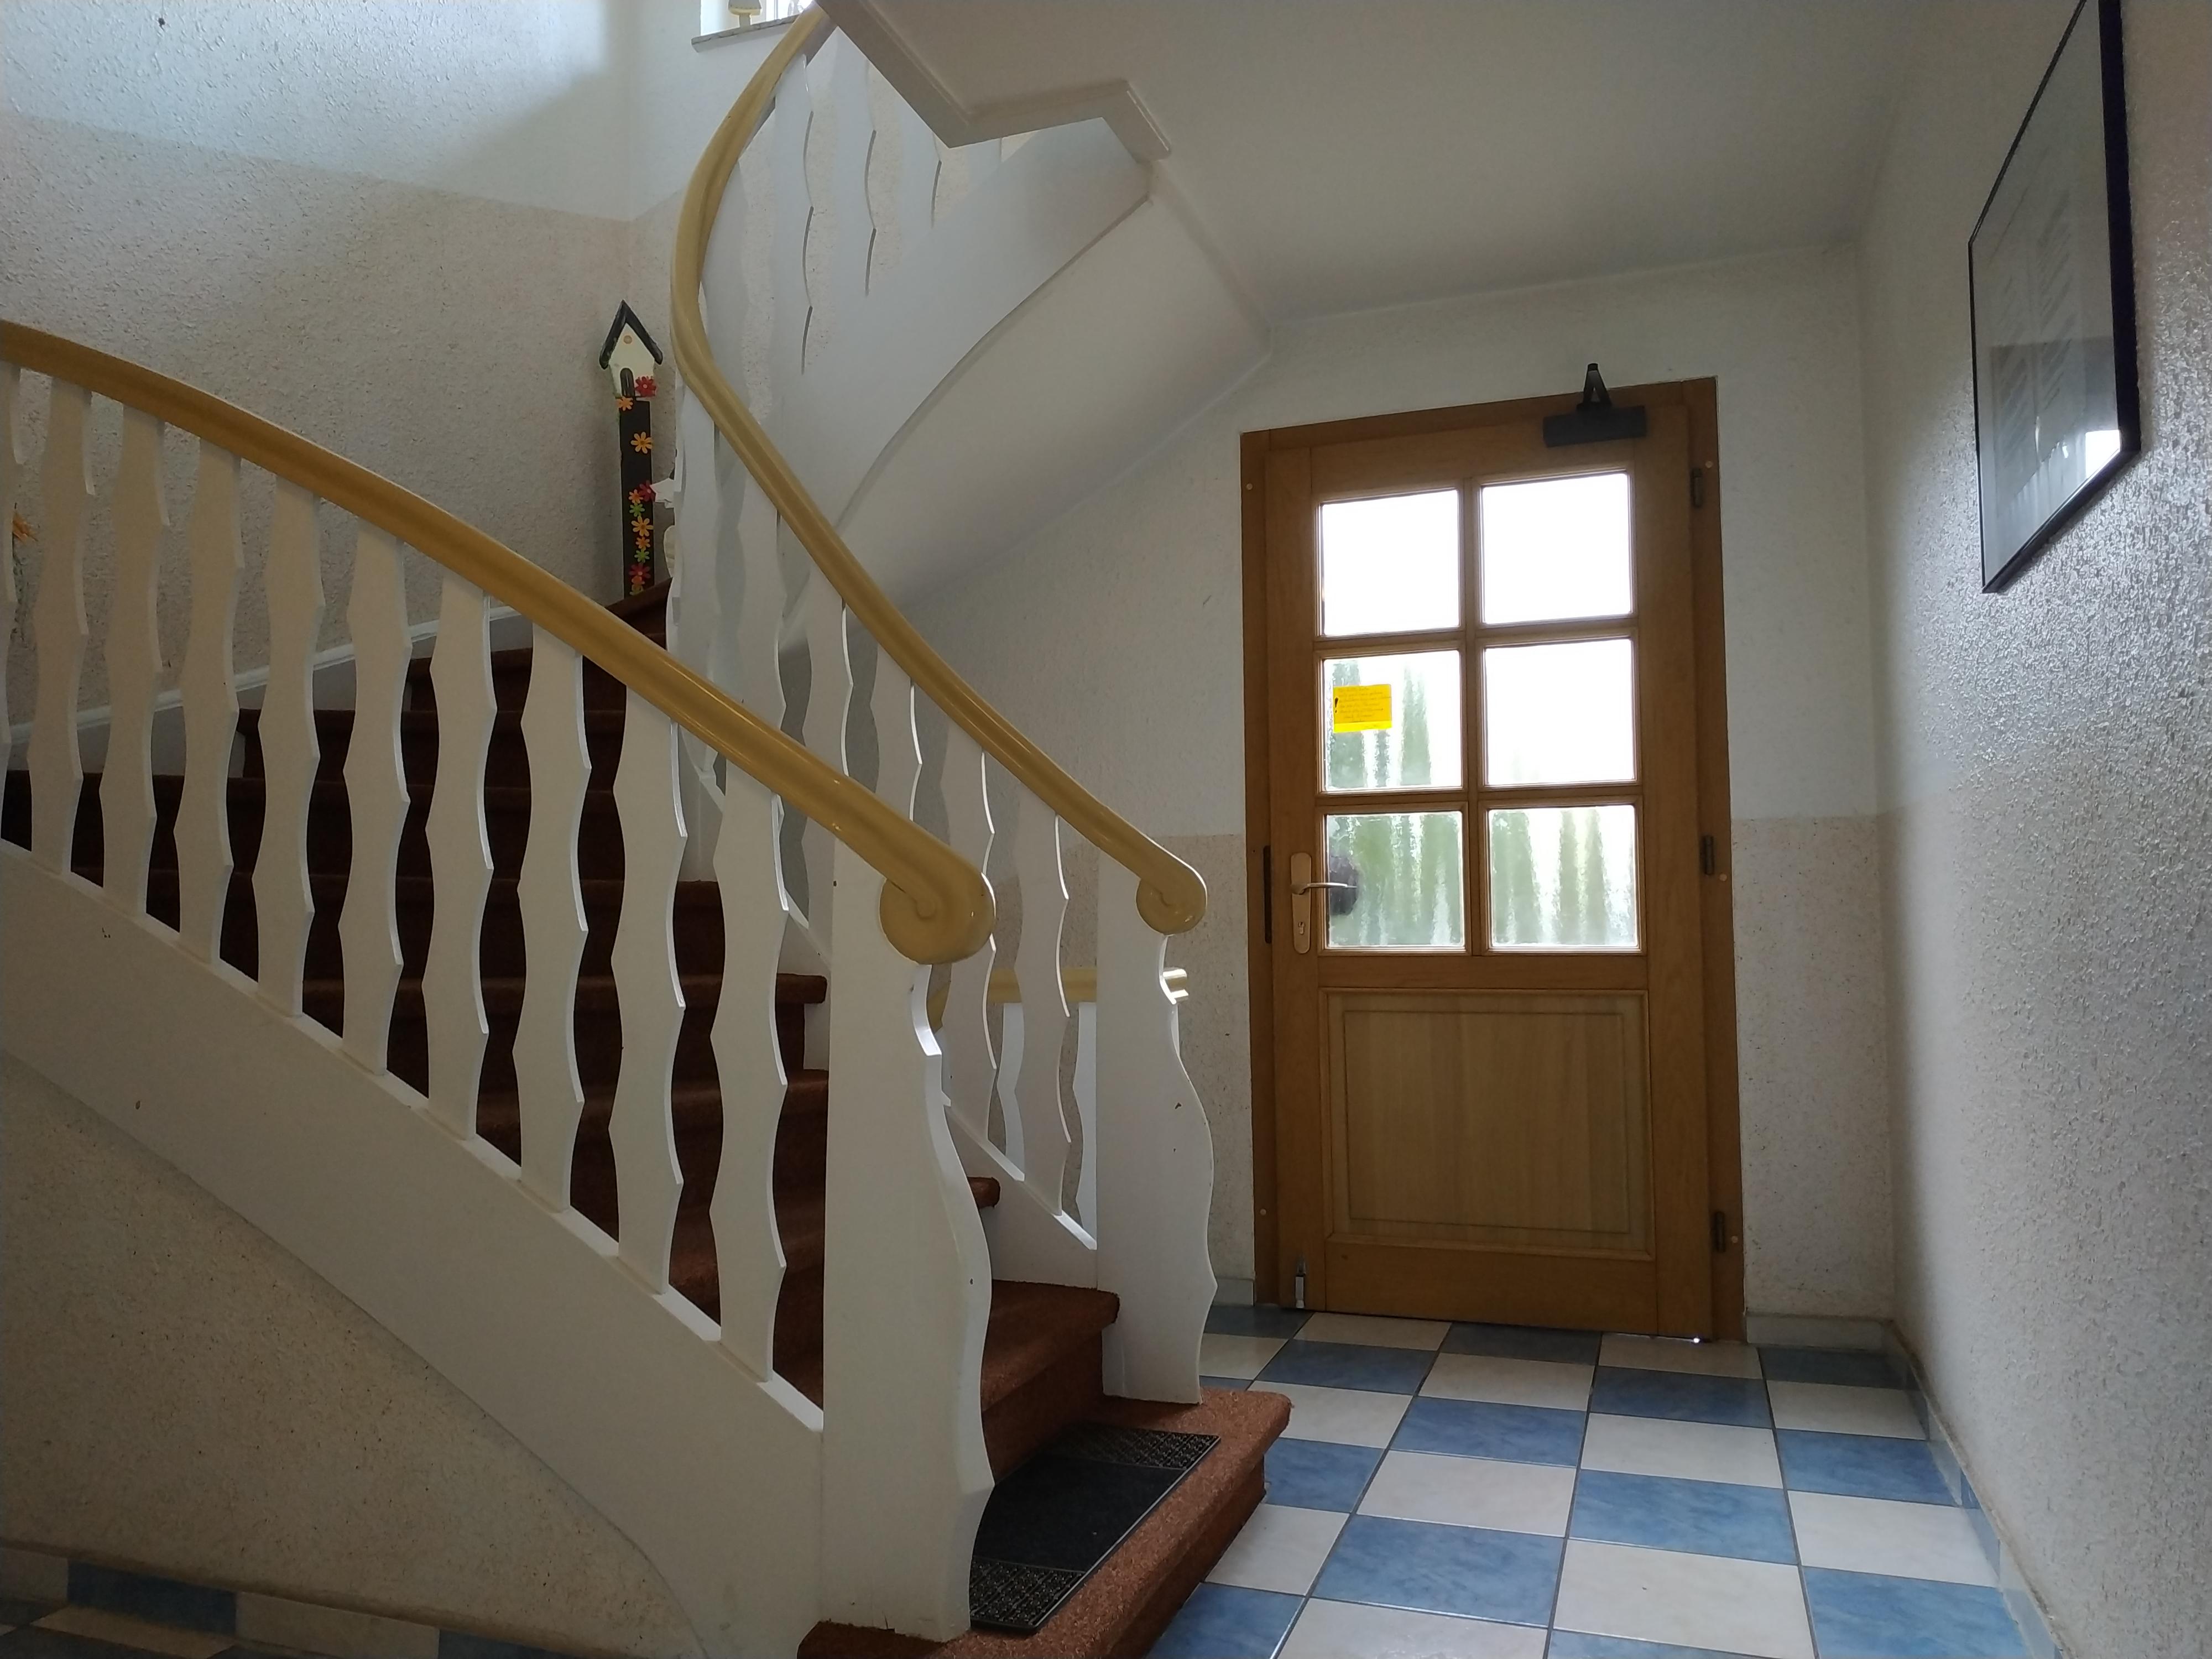 Eigentumswohnung in ruhiger Lage mit ca. 64 m² Wfl.